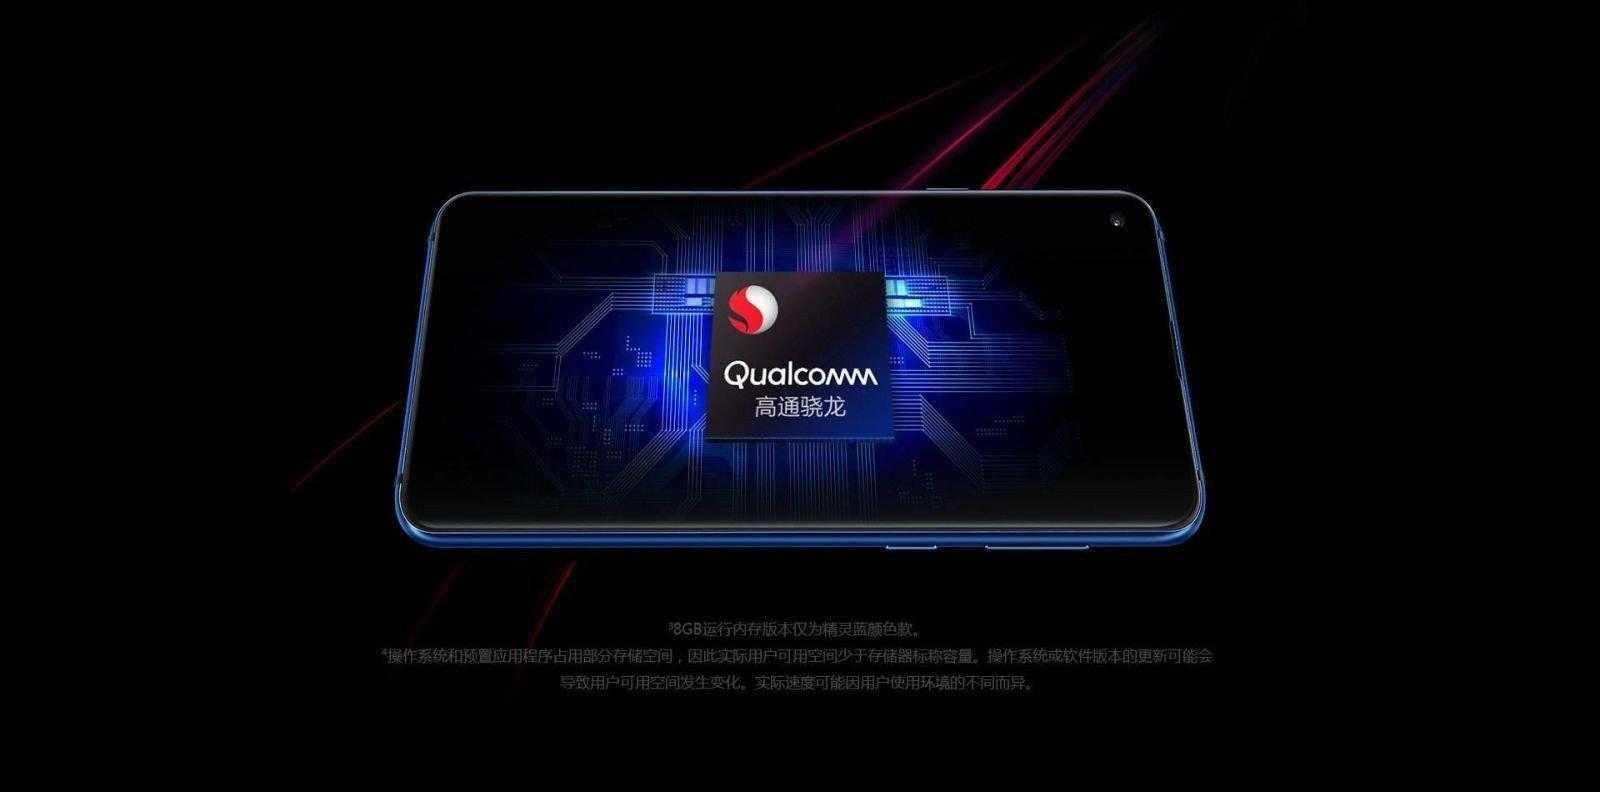 Samsung A9 Pro первым получит камеру в отверстии экрана (Samsung Galaxy A9 ProA8s 3)